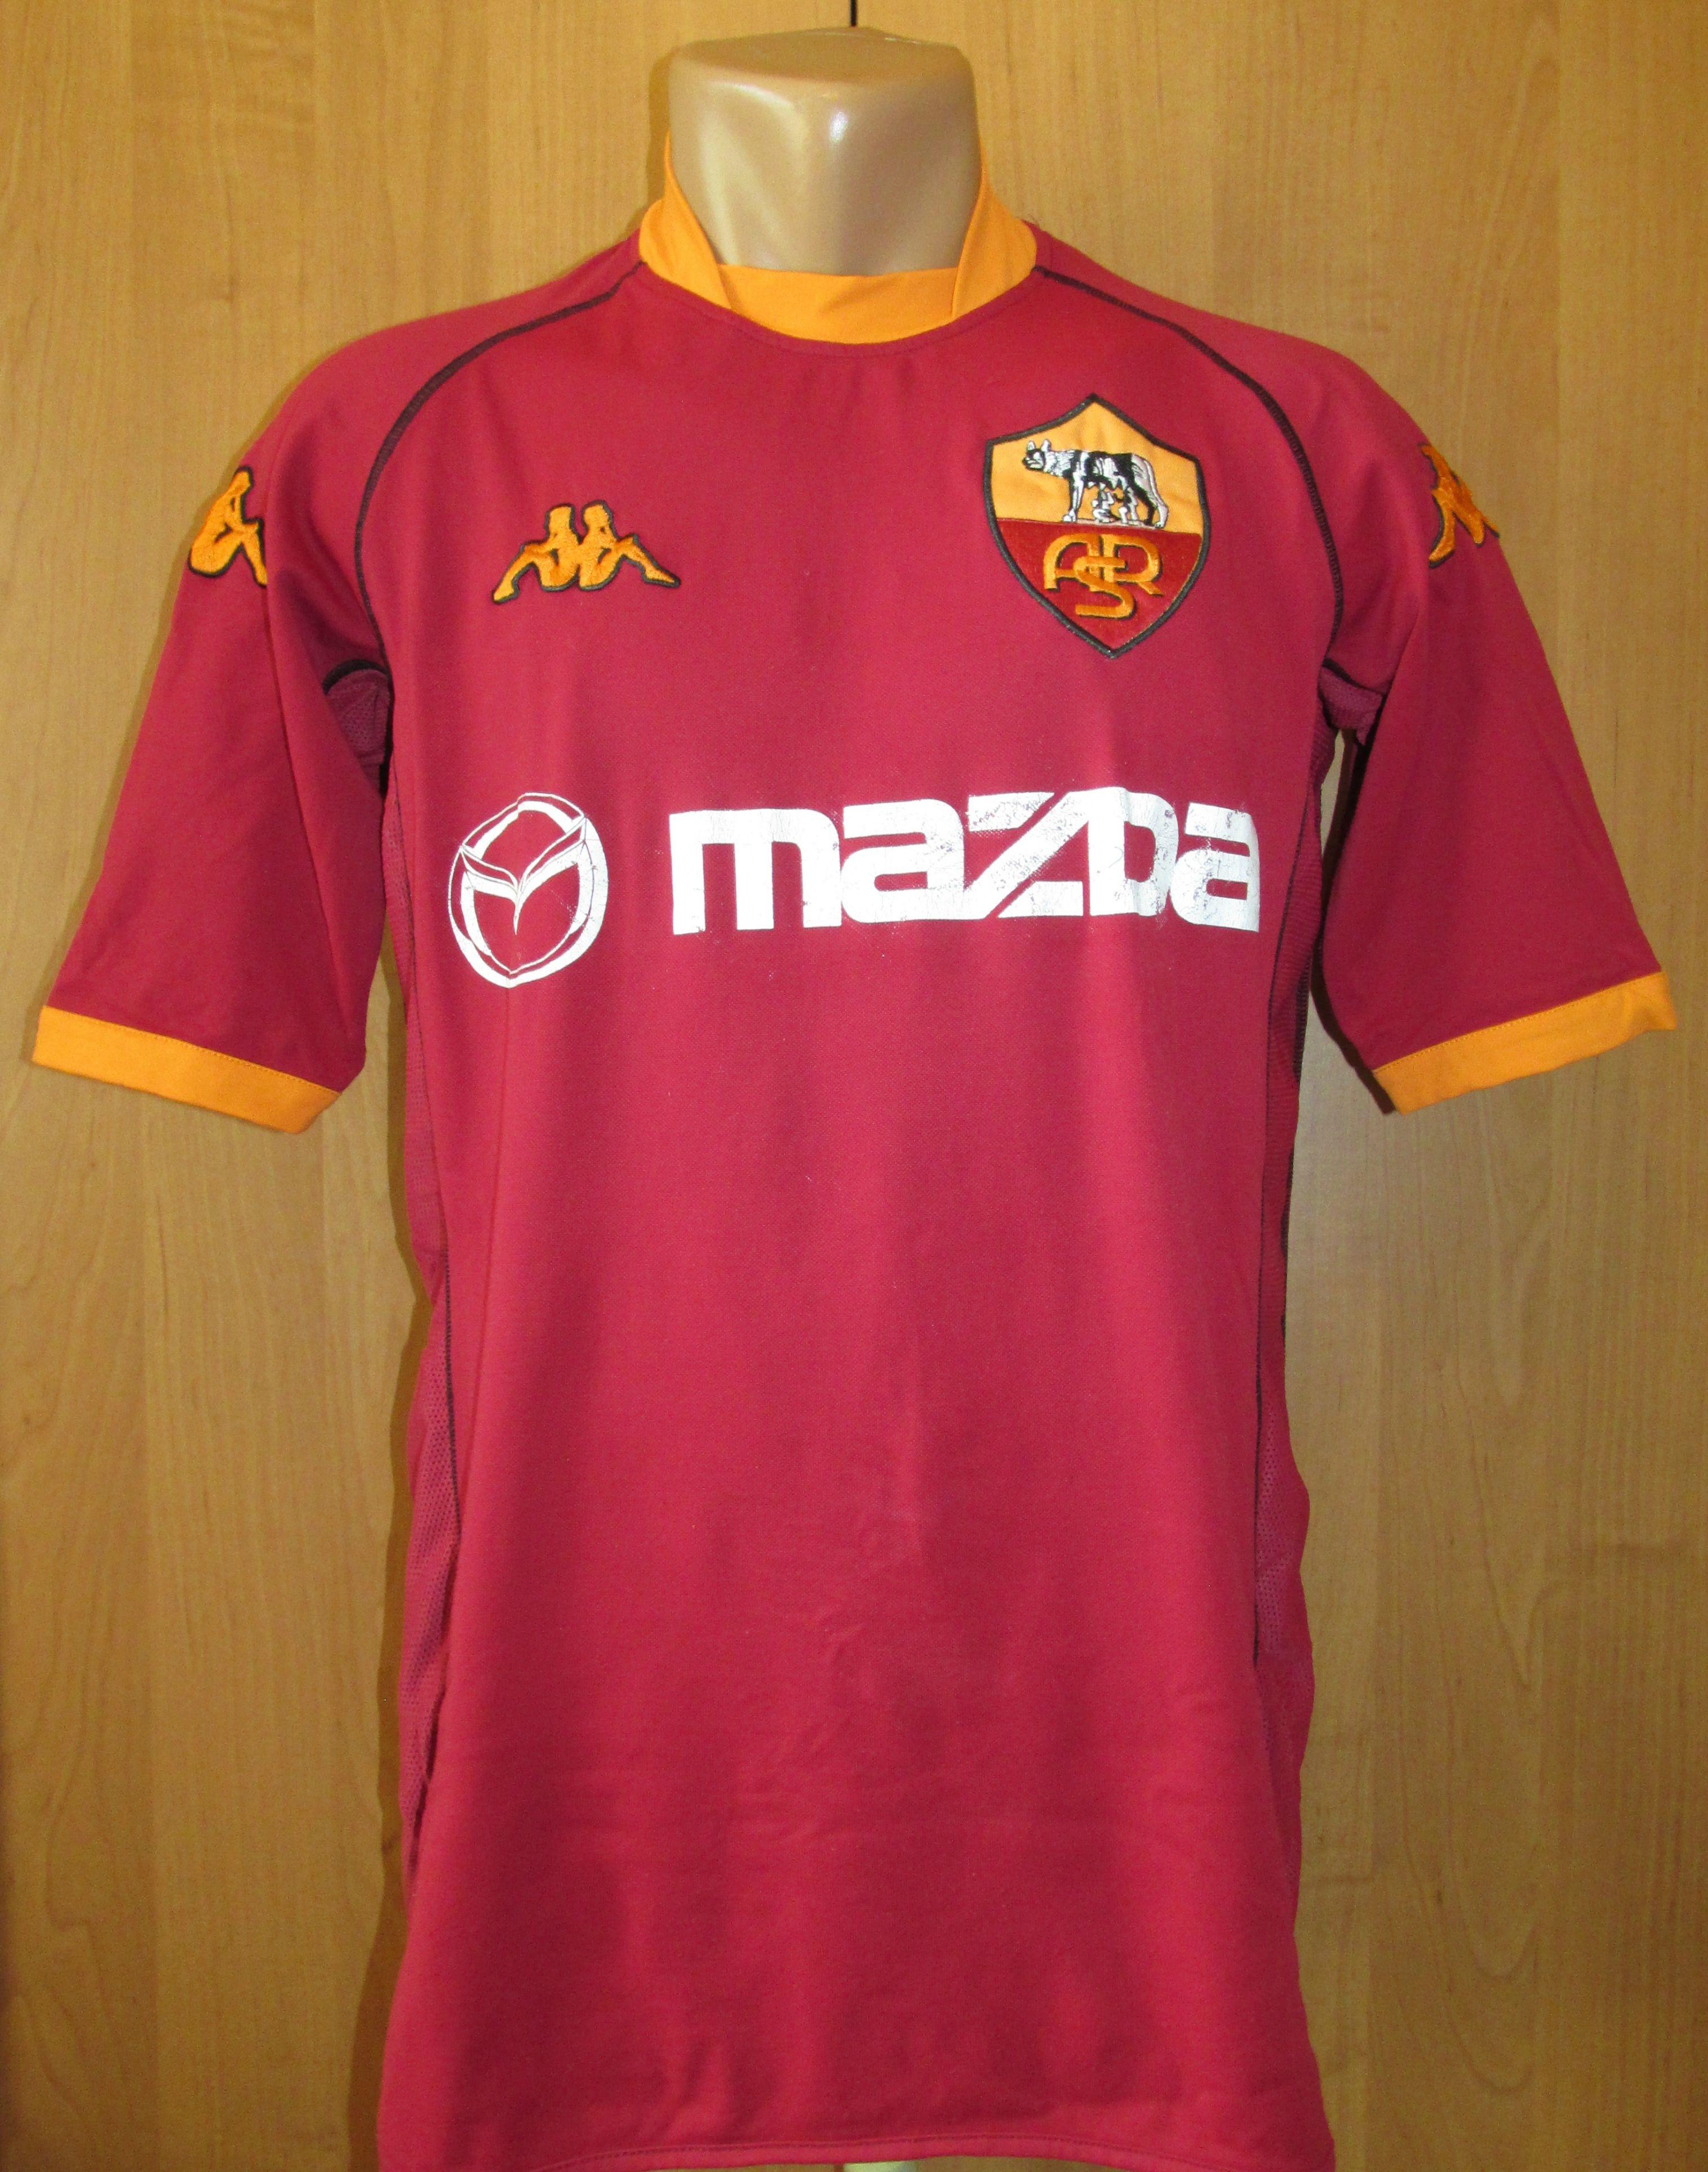 88488a35b AS Roma 2002 2003 home football shirt by Kappa Italy Italia Mazda ASR  calcio jersey soccer Giallorossi Rome  Roma  ASRoma  Rome  calcio  kappa   italy ...